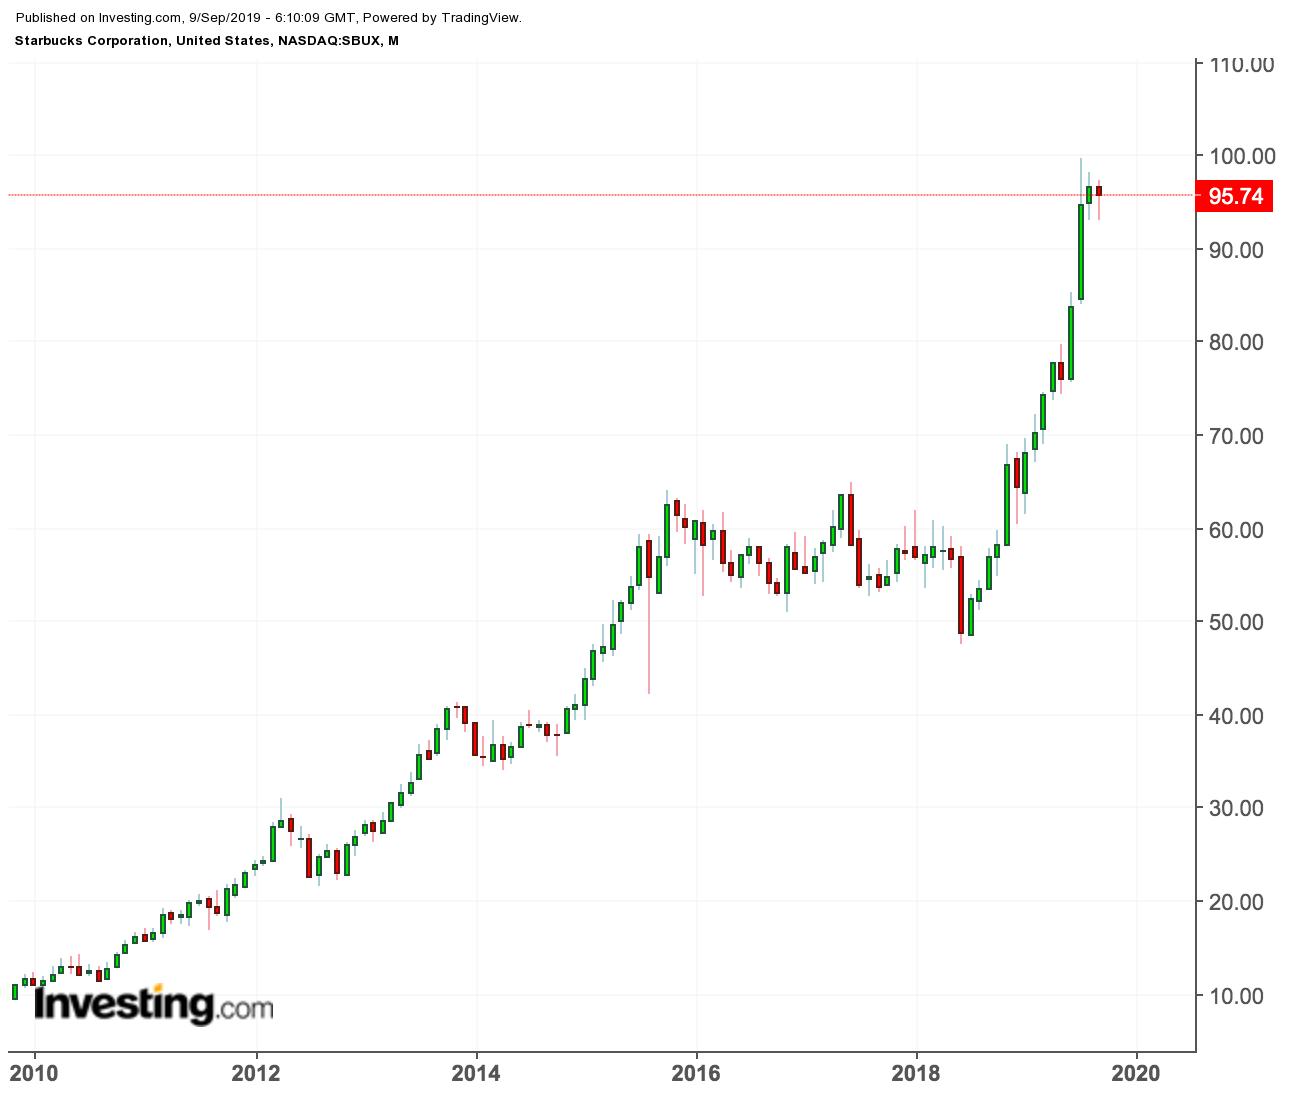 Starbucks price chart